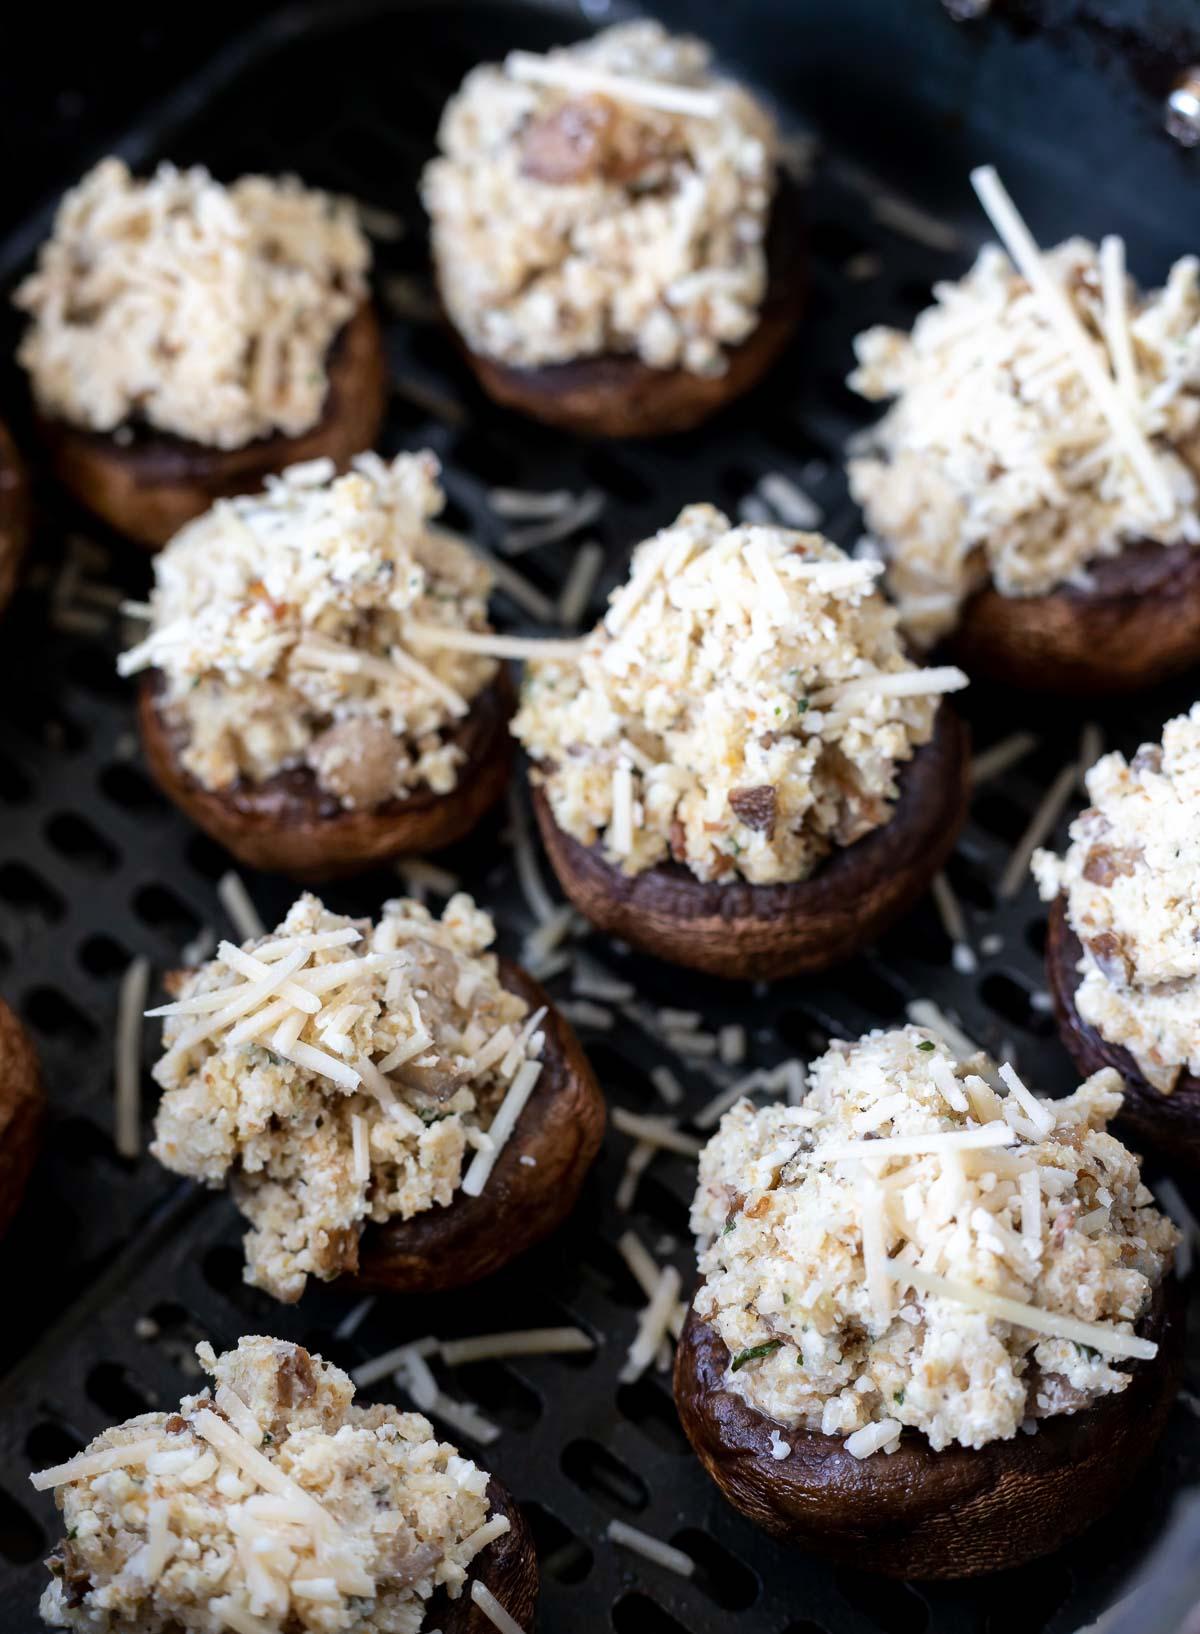 uncooked stuffed mushrooms in air fryer basket